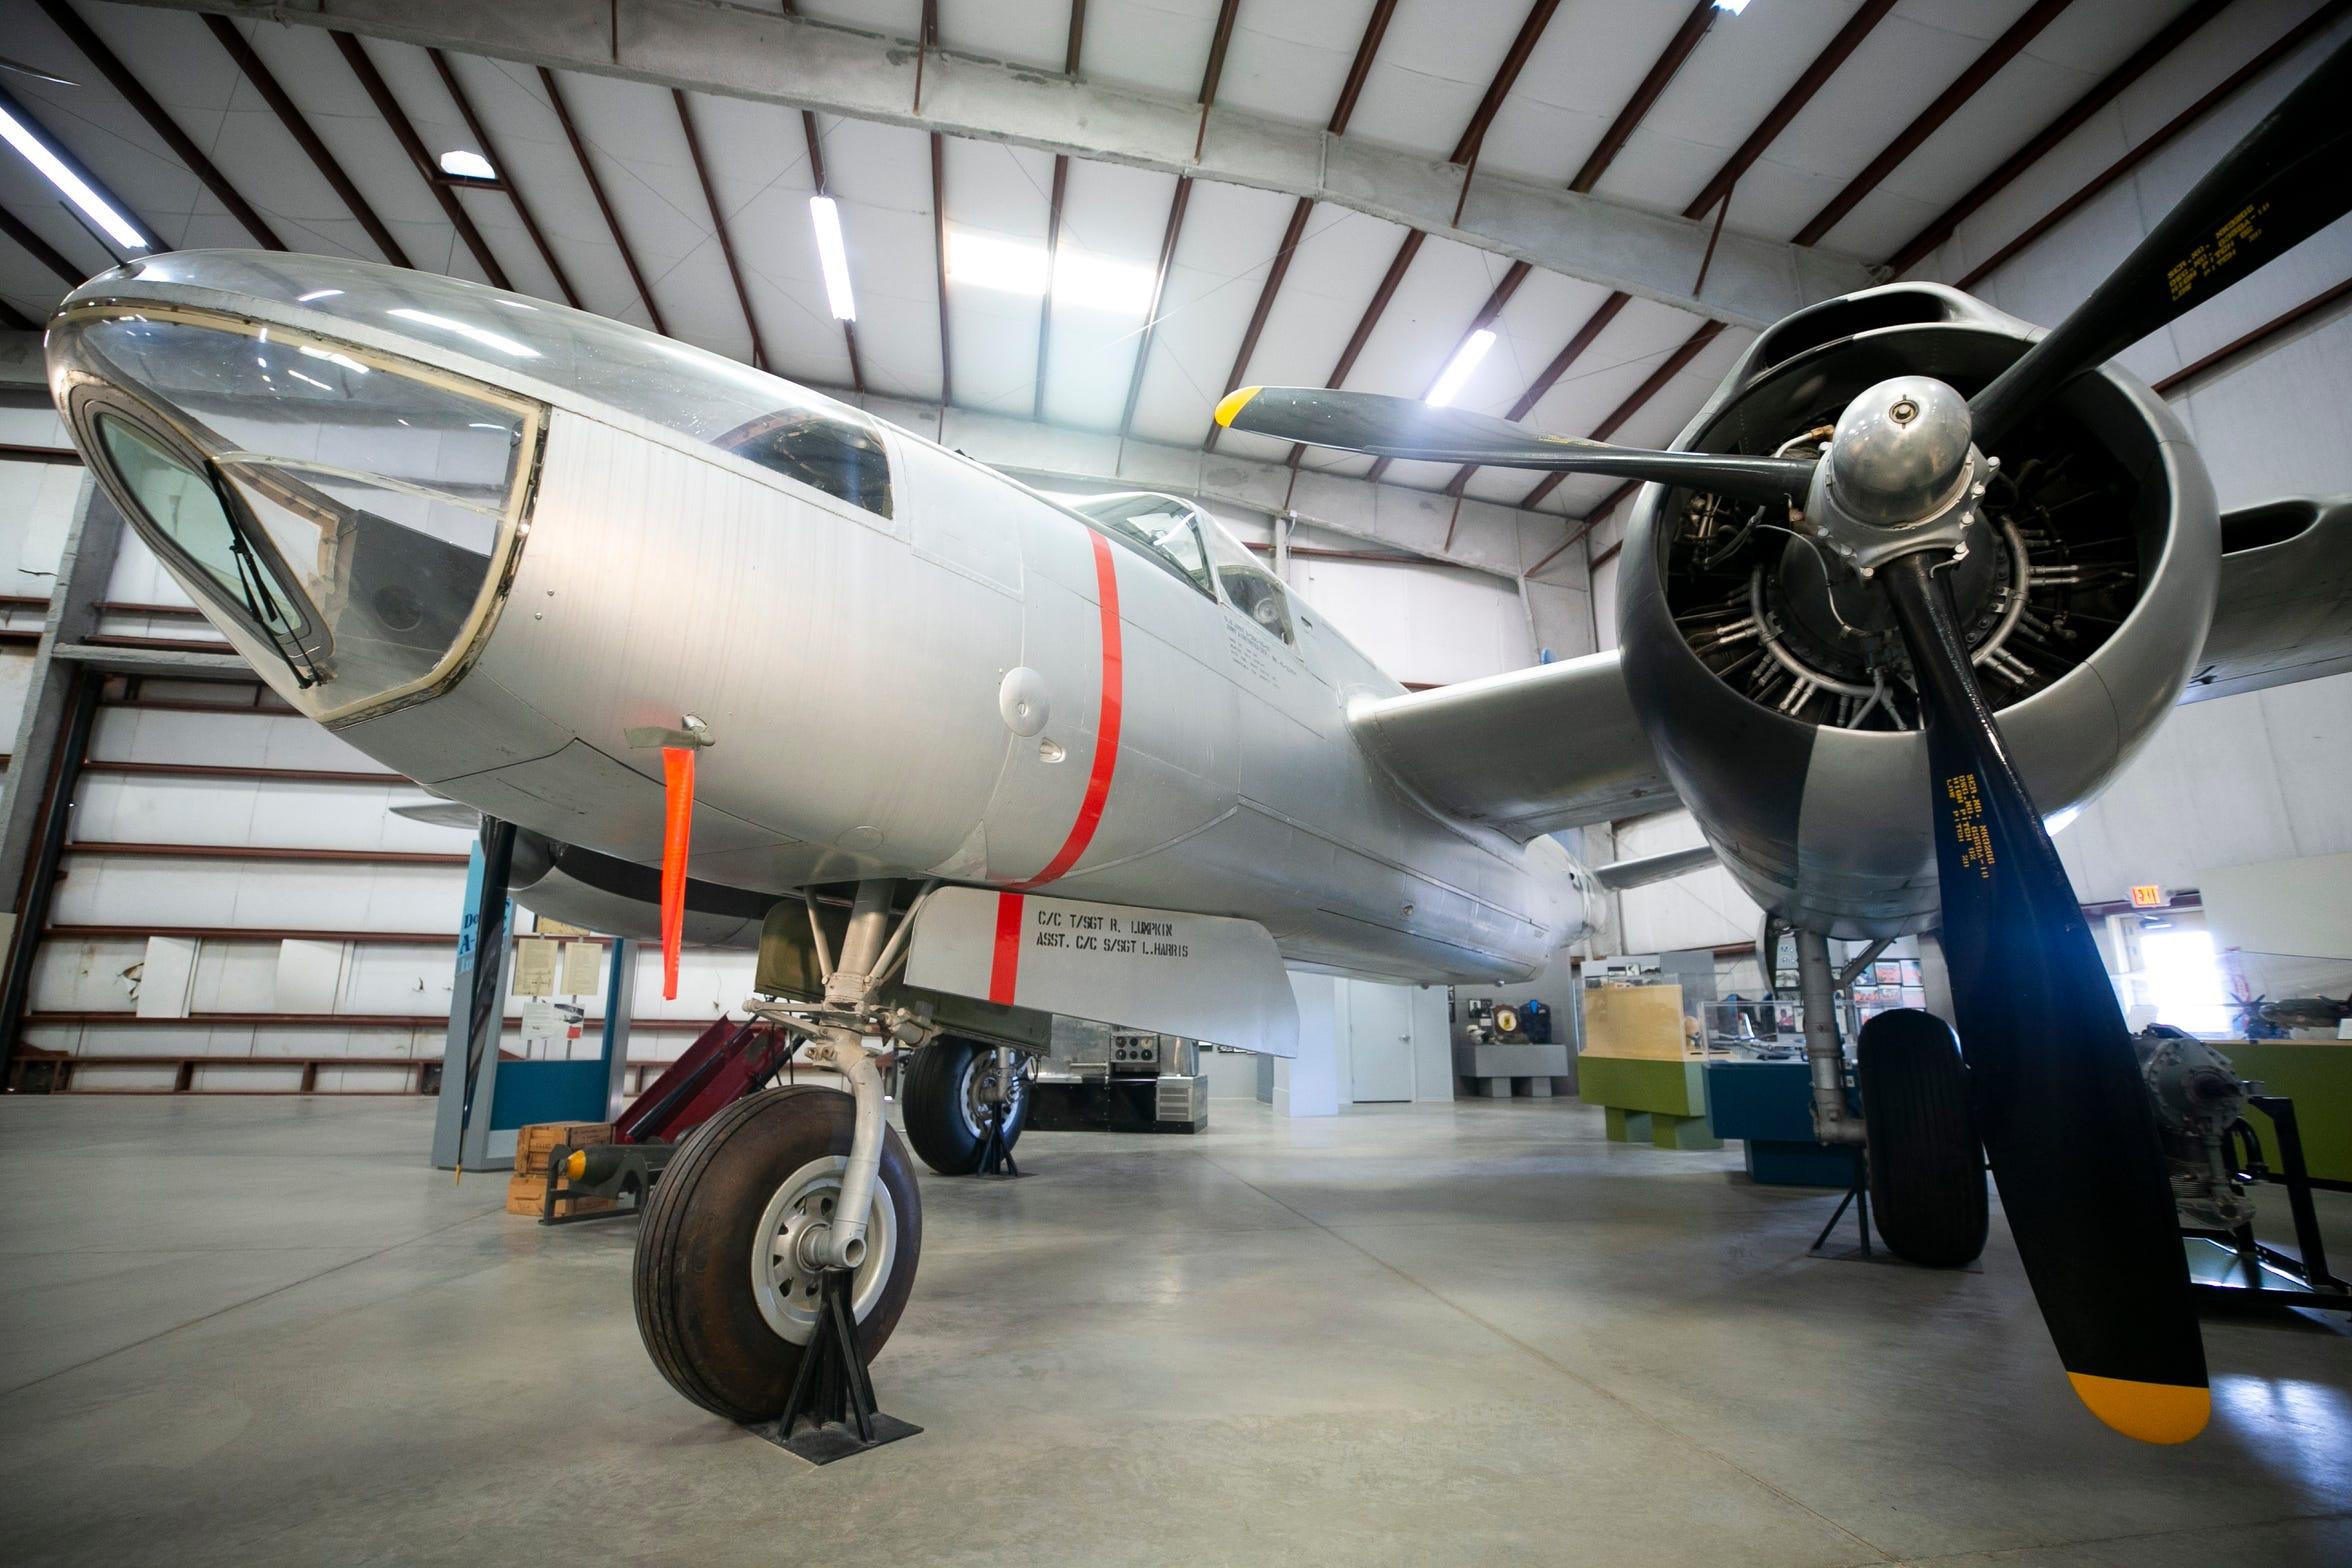 Una aeronave A B-26 Invader es vista en el museo de la Fuerza Aérea en Tucson, AZ.